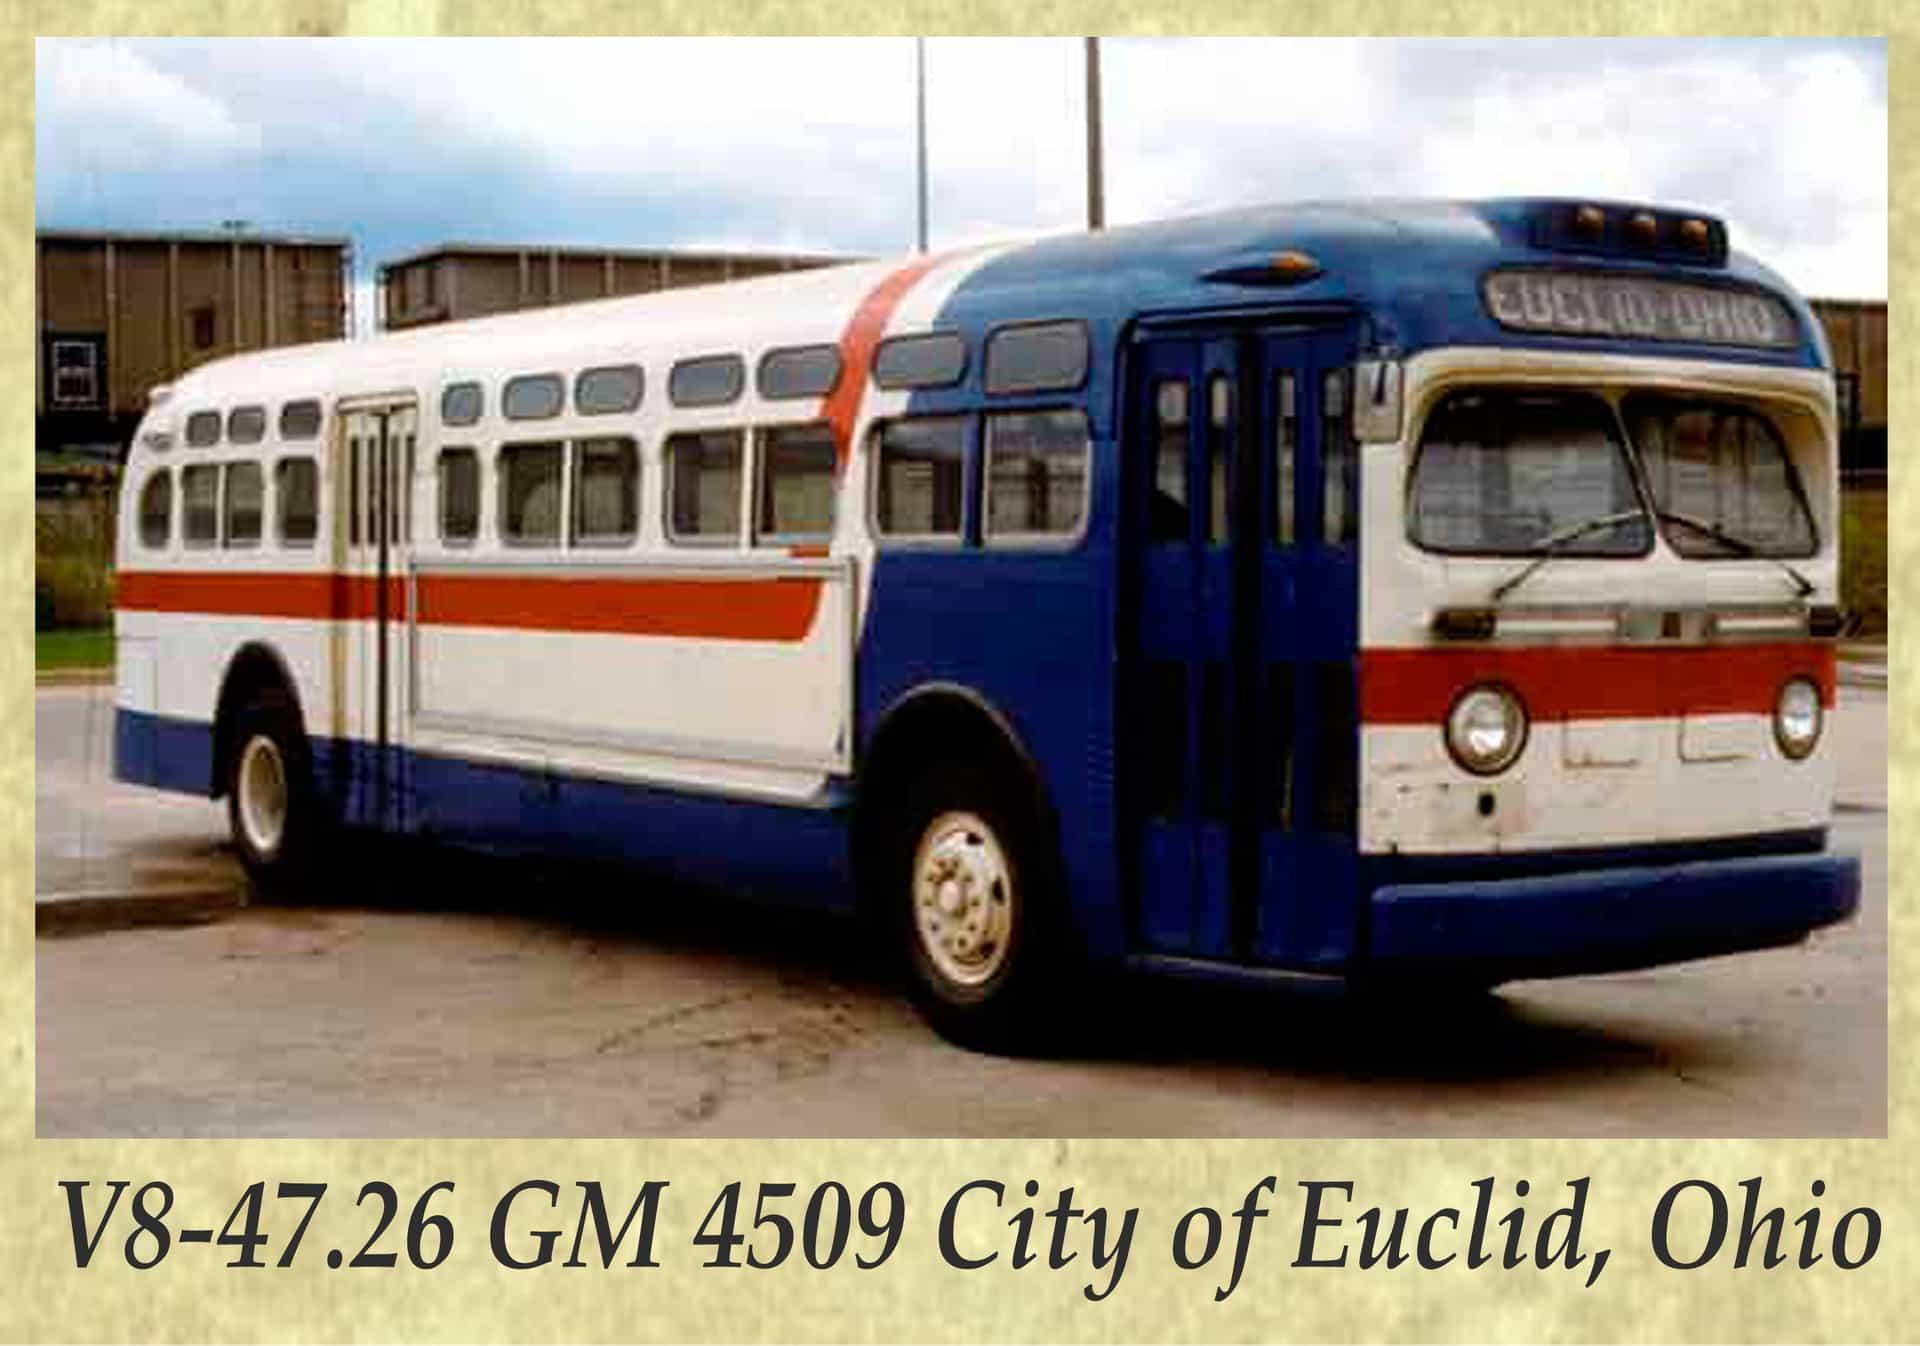 V8-47.26 GM 4509 City of Euclid, Ohio